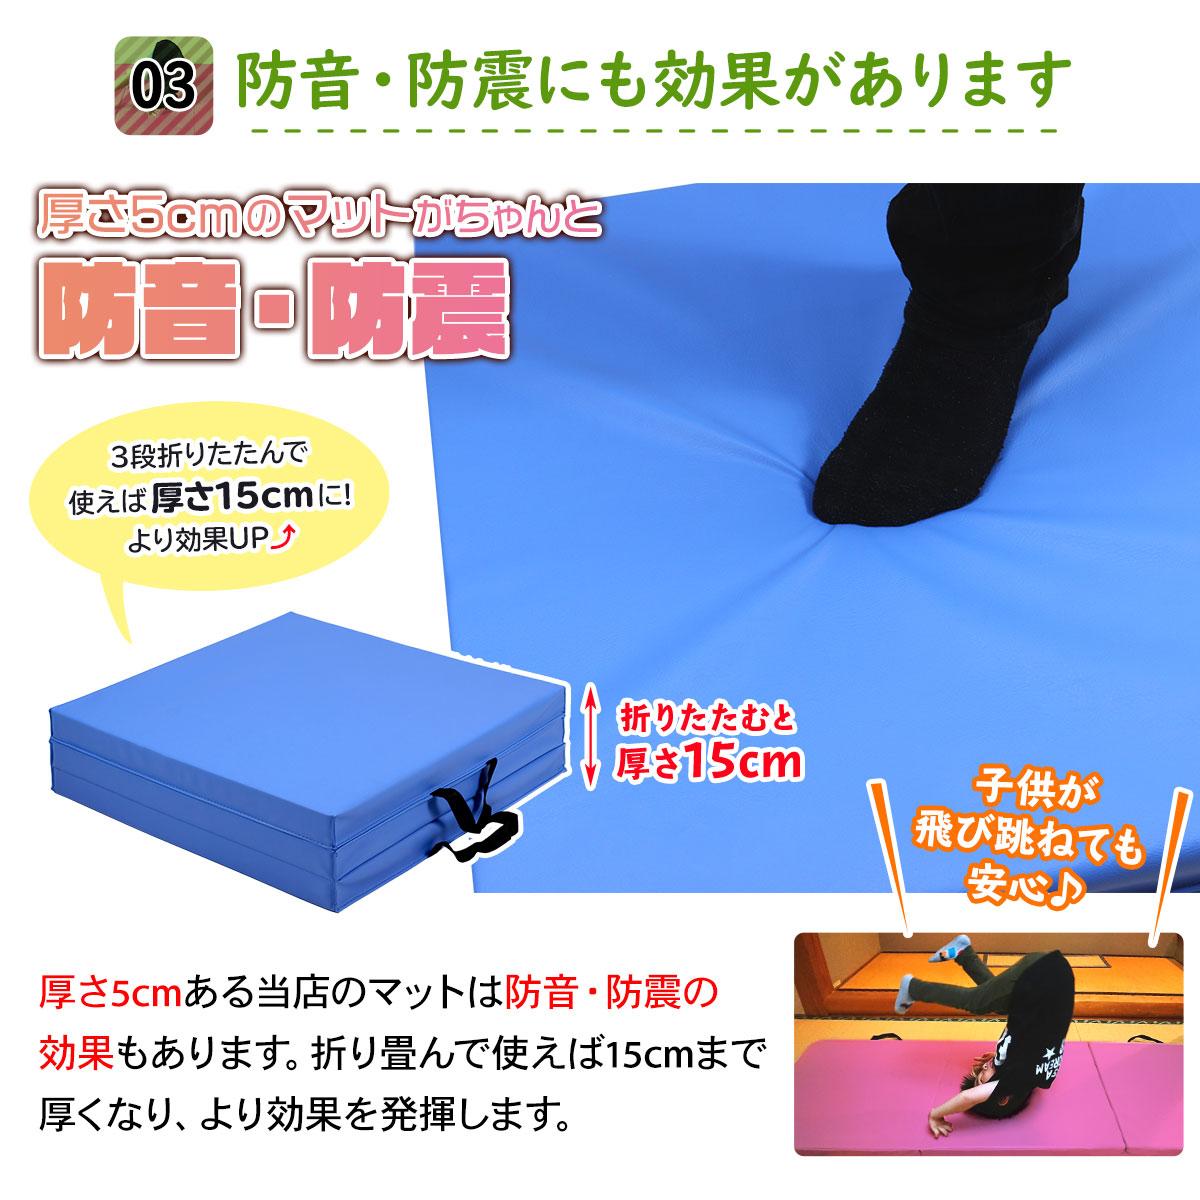 KaRaDaStyle 体操 マット 三段 折りたたみ エクササイズ ヨガマット 180X60CM 厚5CM AMZモデル